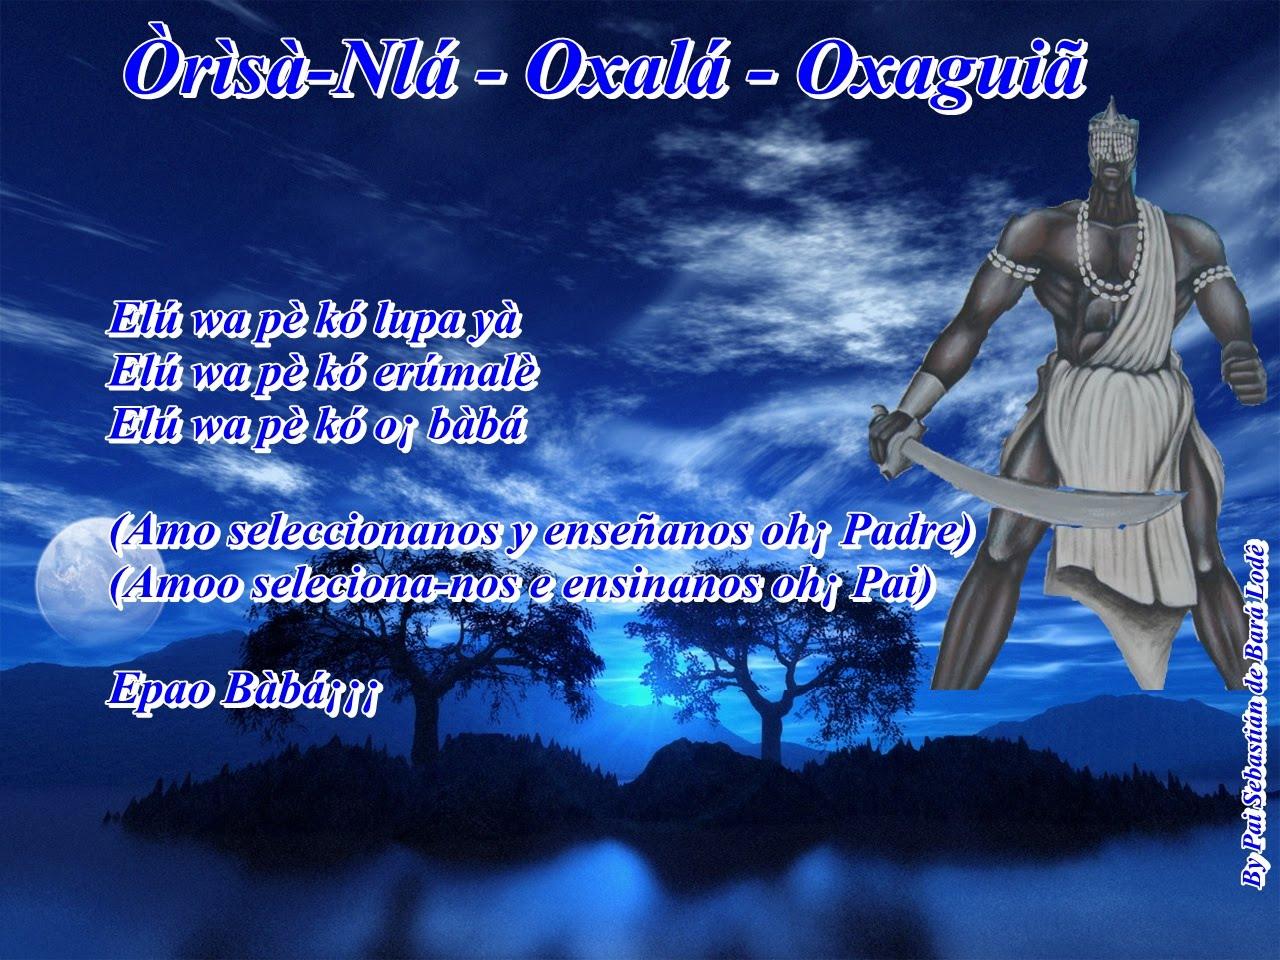 http://2.bp.blogspot.com/_Rx4o3pOyqSM/S9guNidtNcI/AAAAAAAAARA/Ri-0V2eLysY/s1600/oxalamozowall.jpg